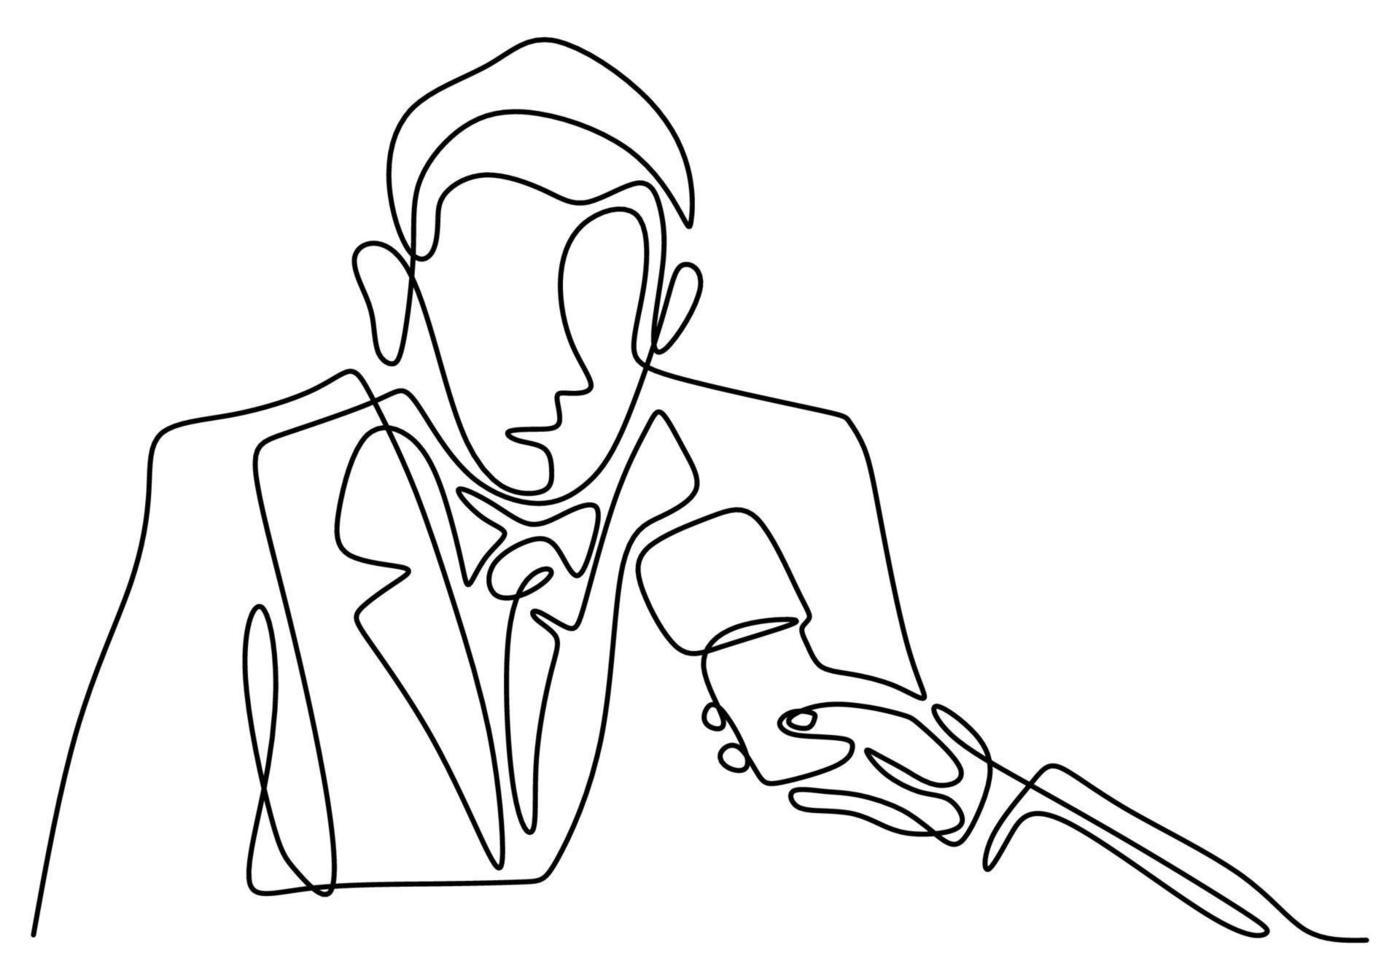 um desenho de linha contínua de um empresário é entrevistado por um jornalista de transmissão de televisão com as mãos segurando um microfone vetor